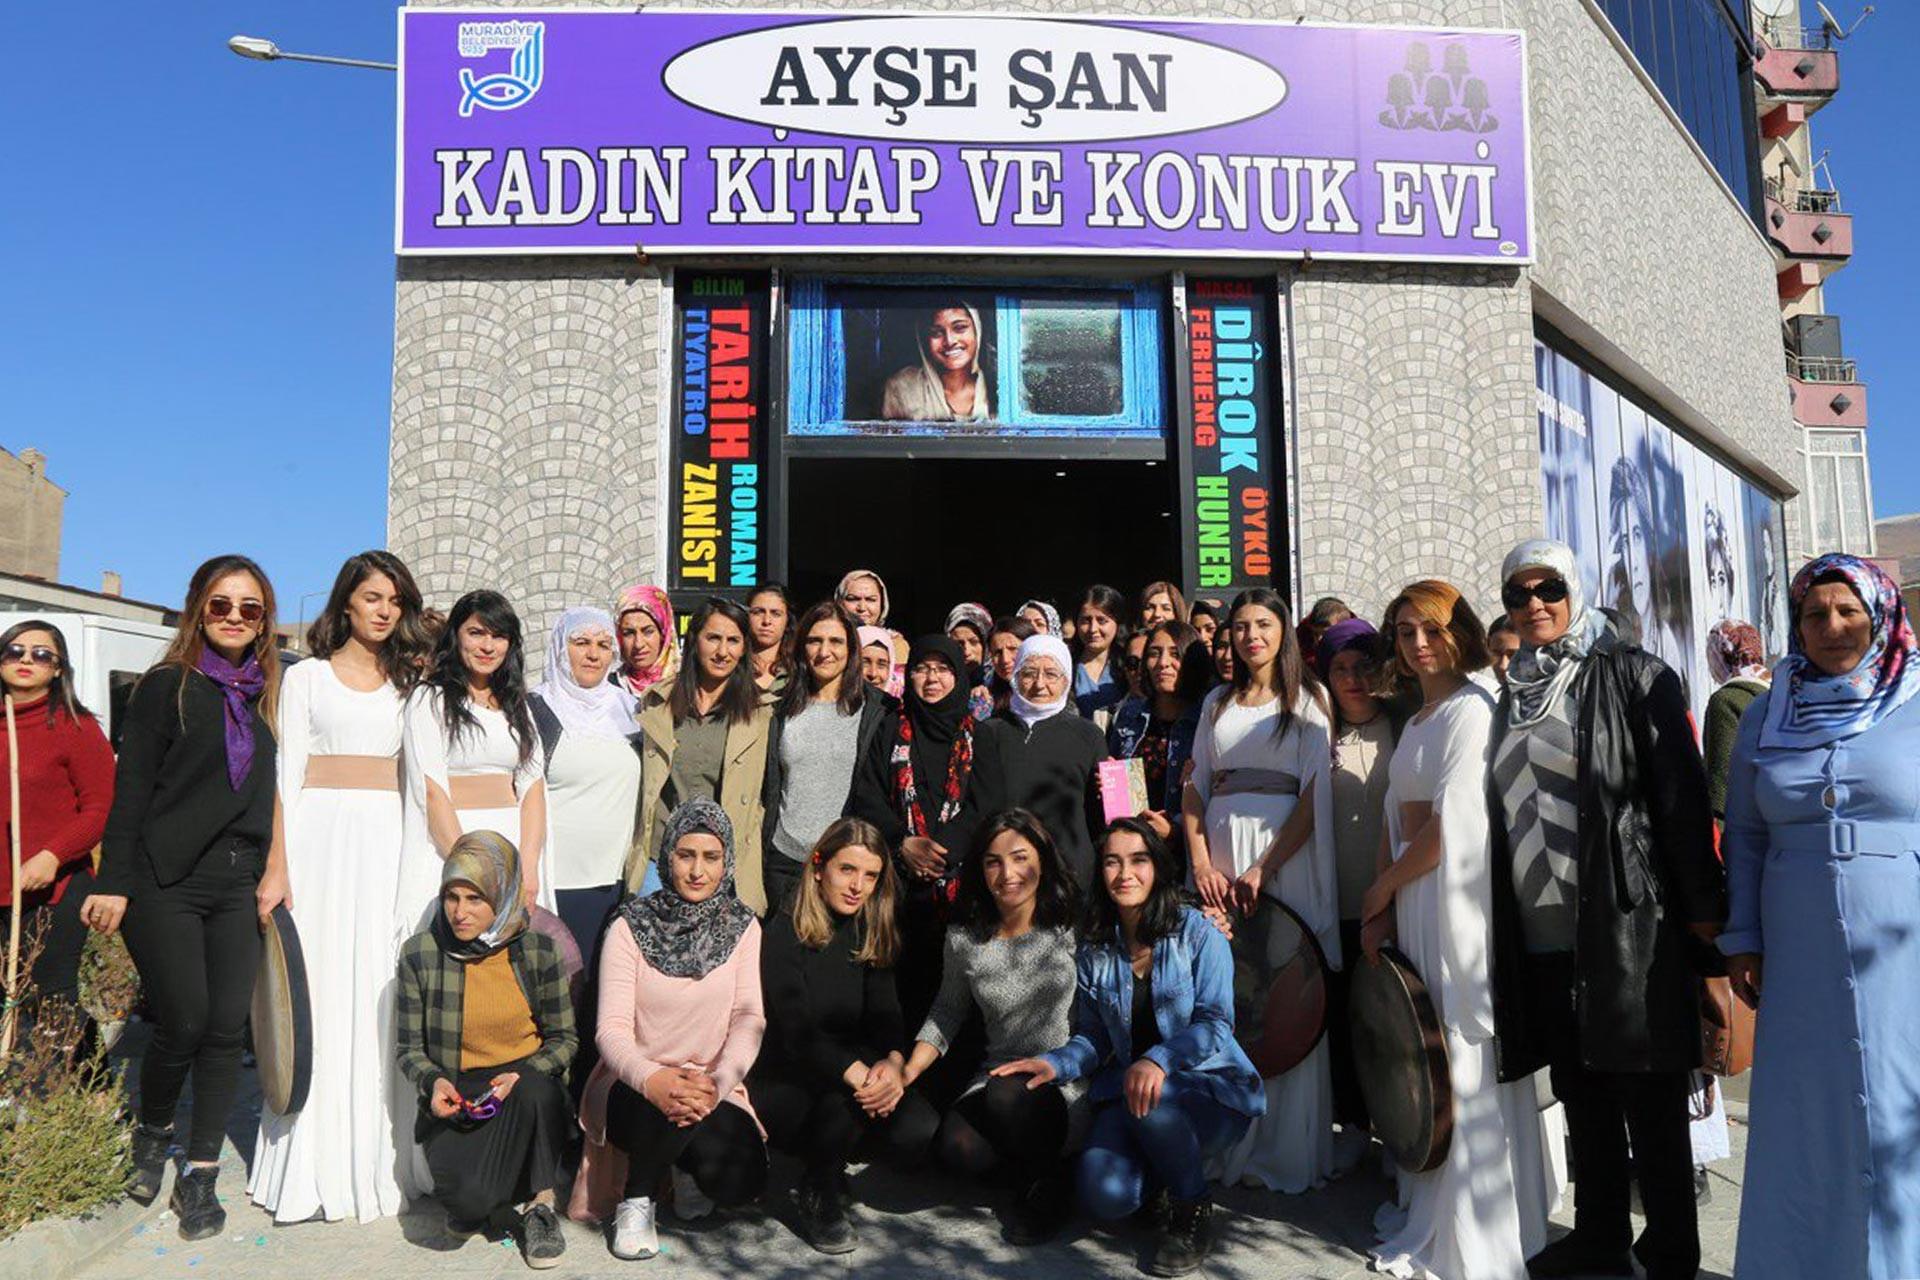 Ayşe Şan Kadın Kitap ve Konuk Evi'nin açılışından bir an